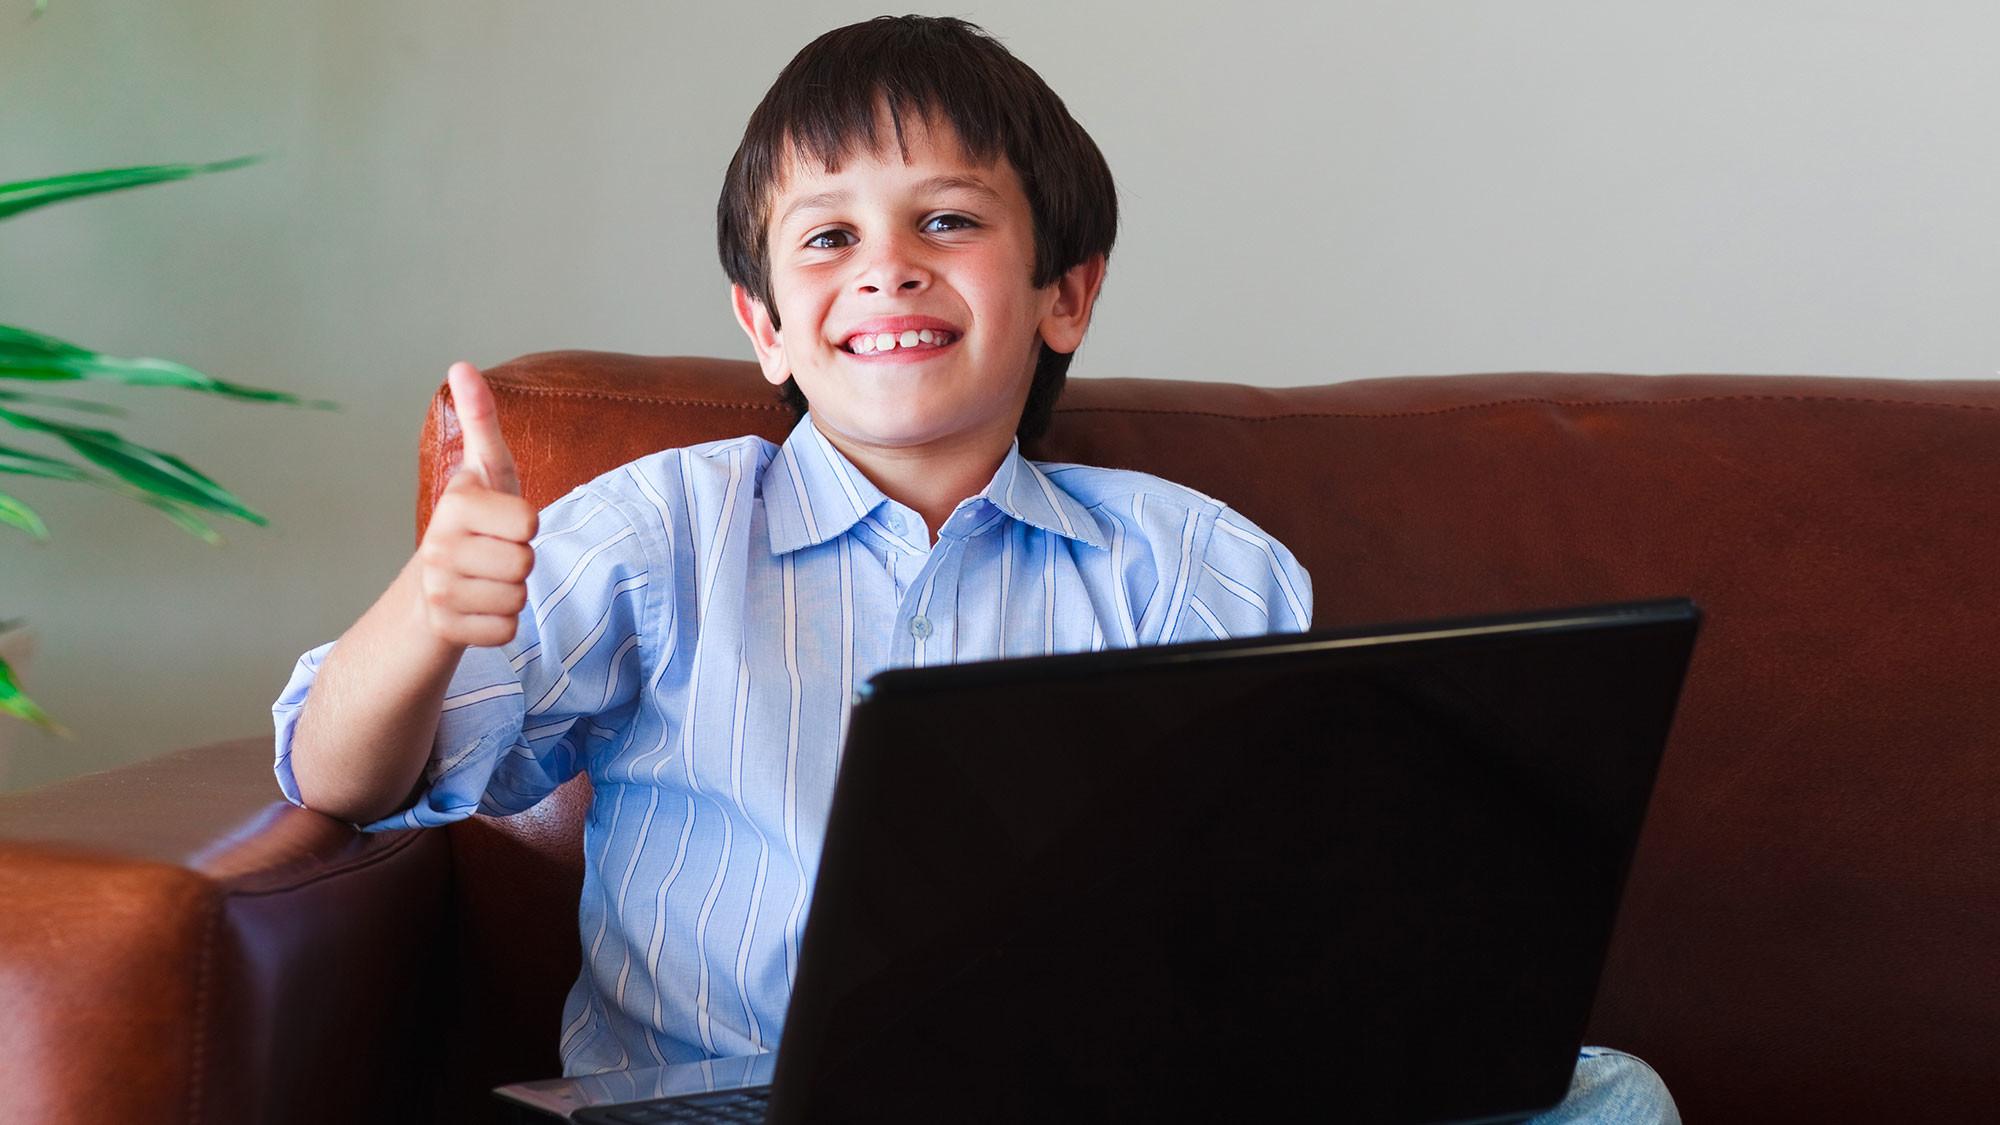 Ребёнок вымогал деньги у отца при помощи вируса WannaCry - Фото